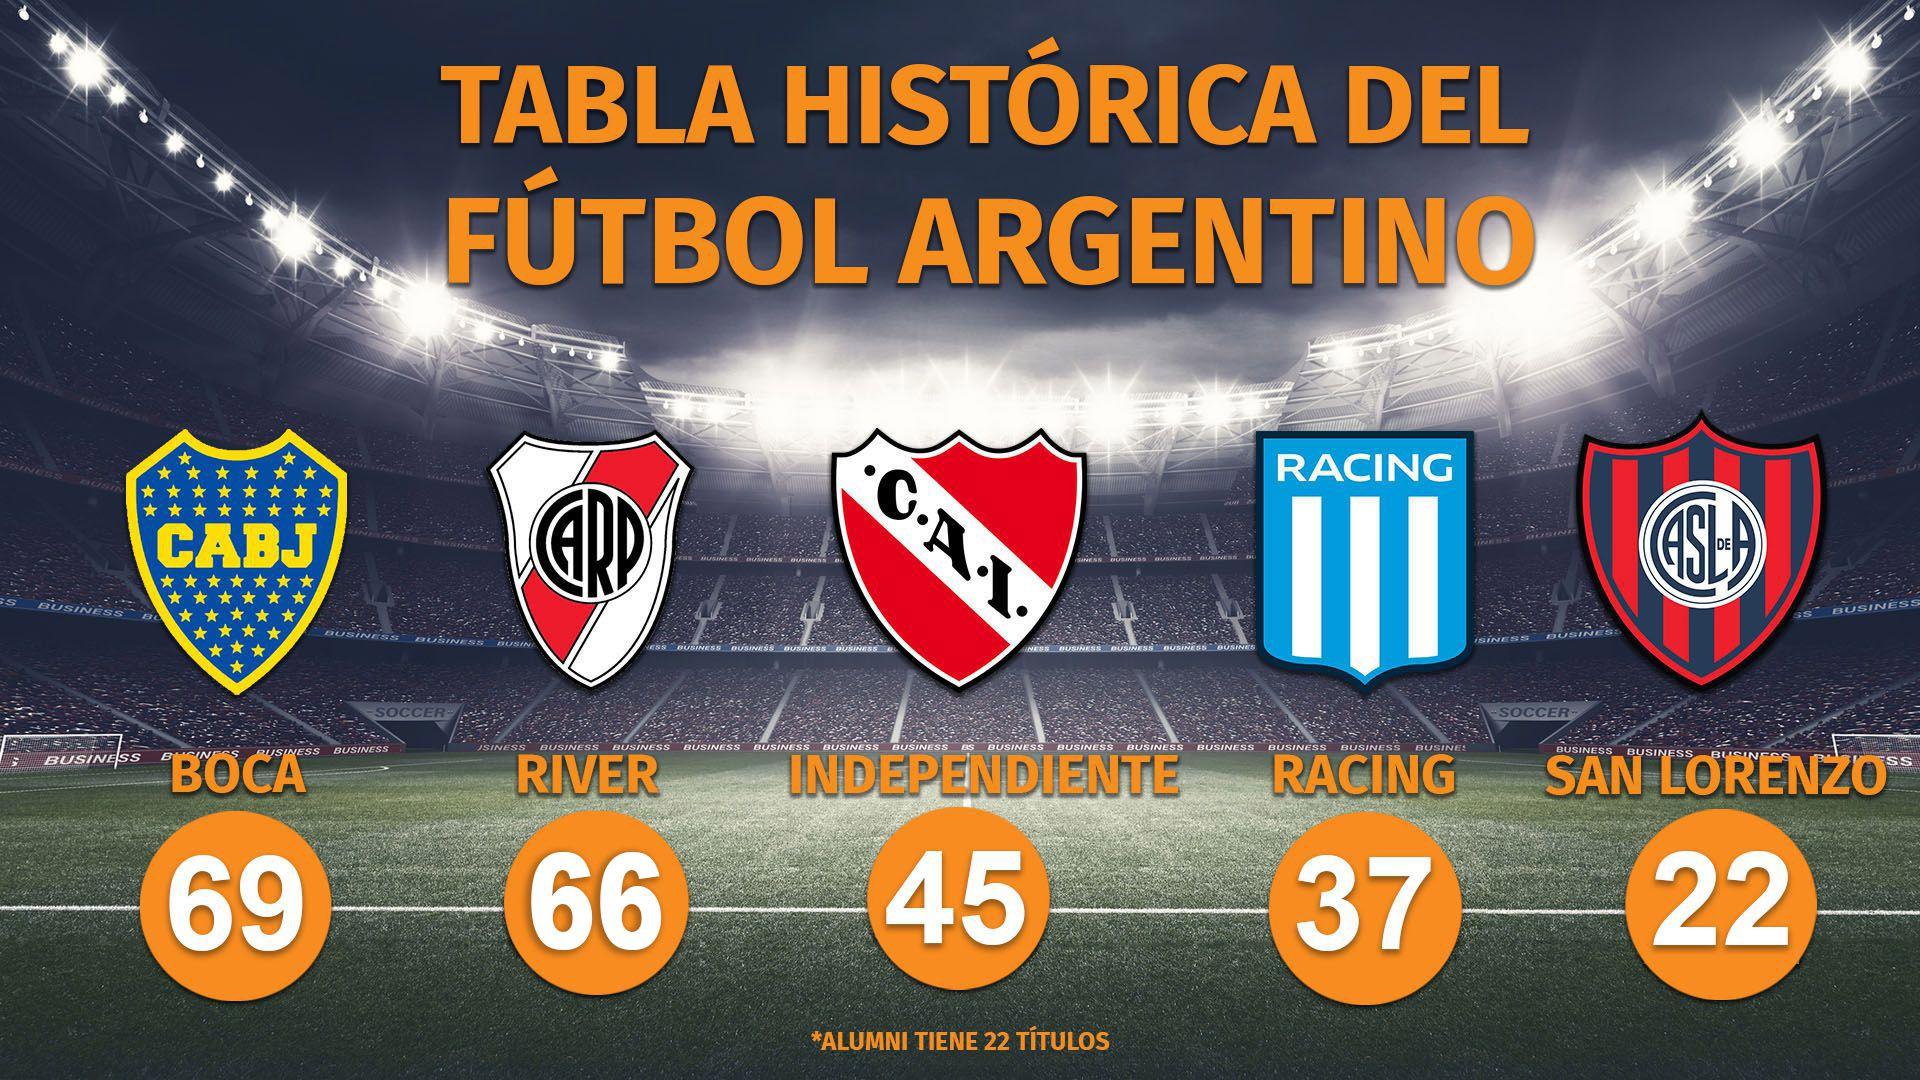 Los cinco clubes más ganadores de la historia del fútbol argentino (Fuente: rhdelfutbol)